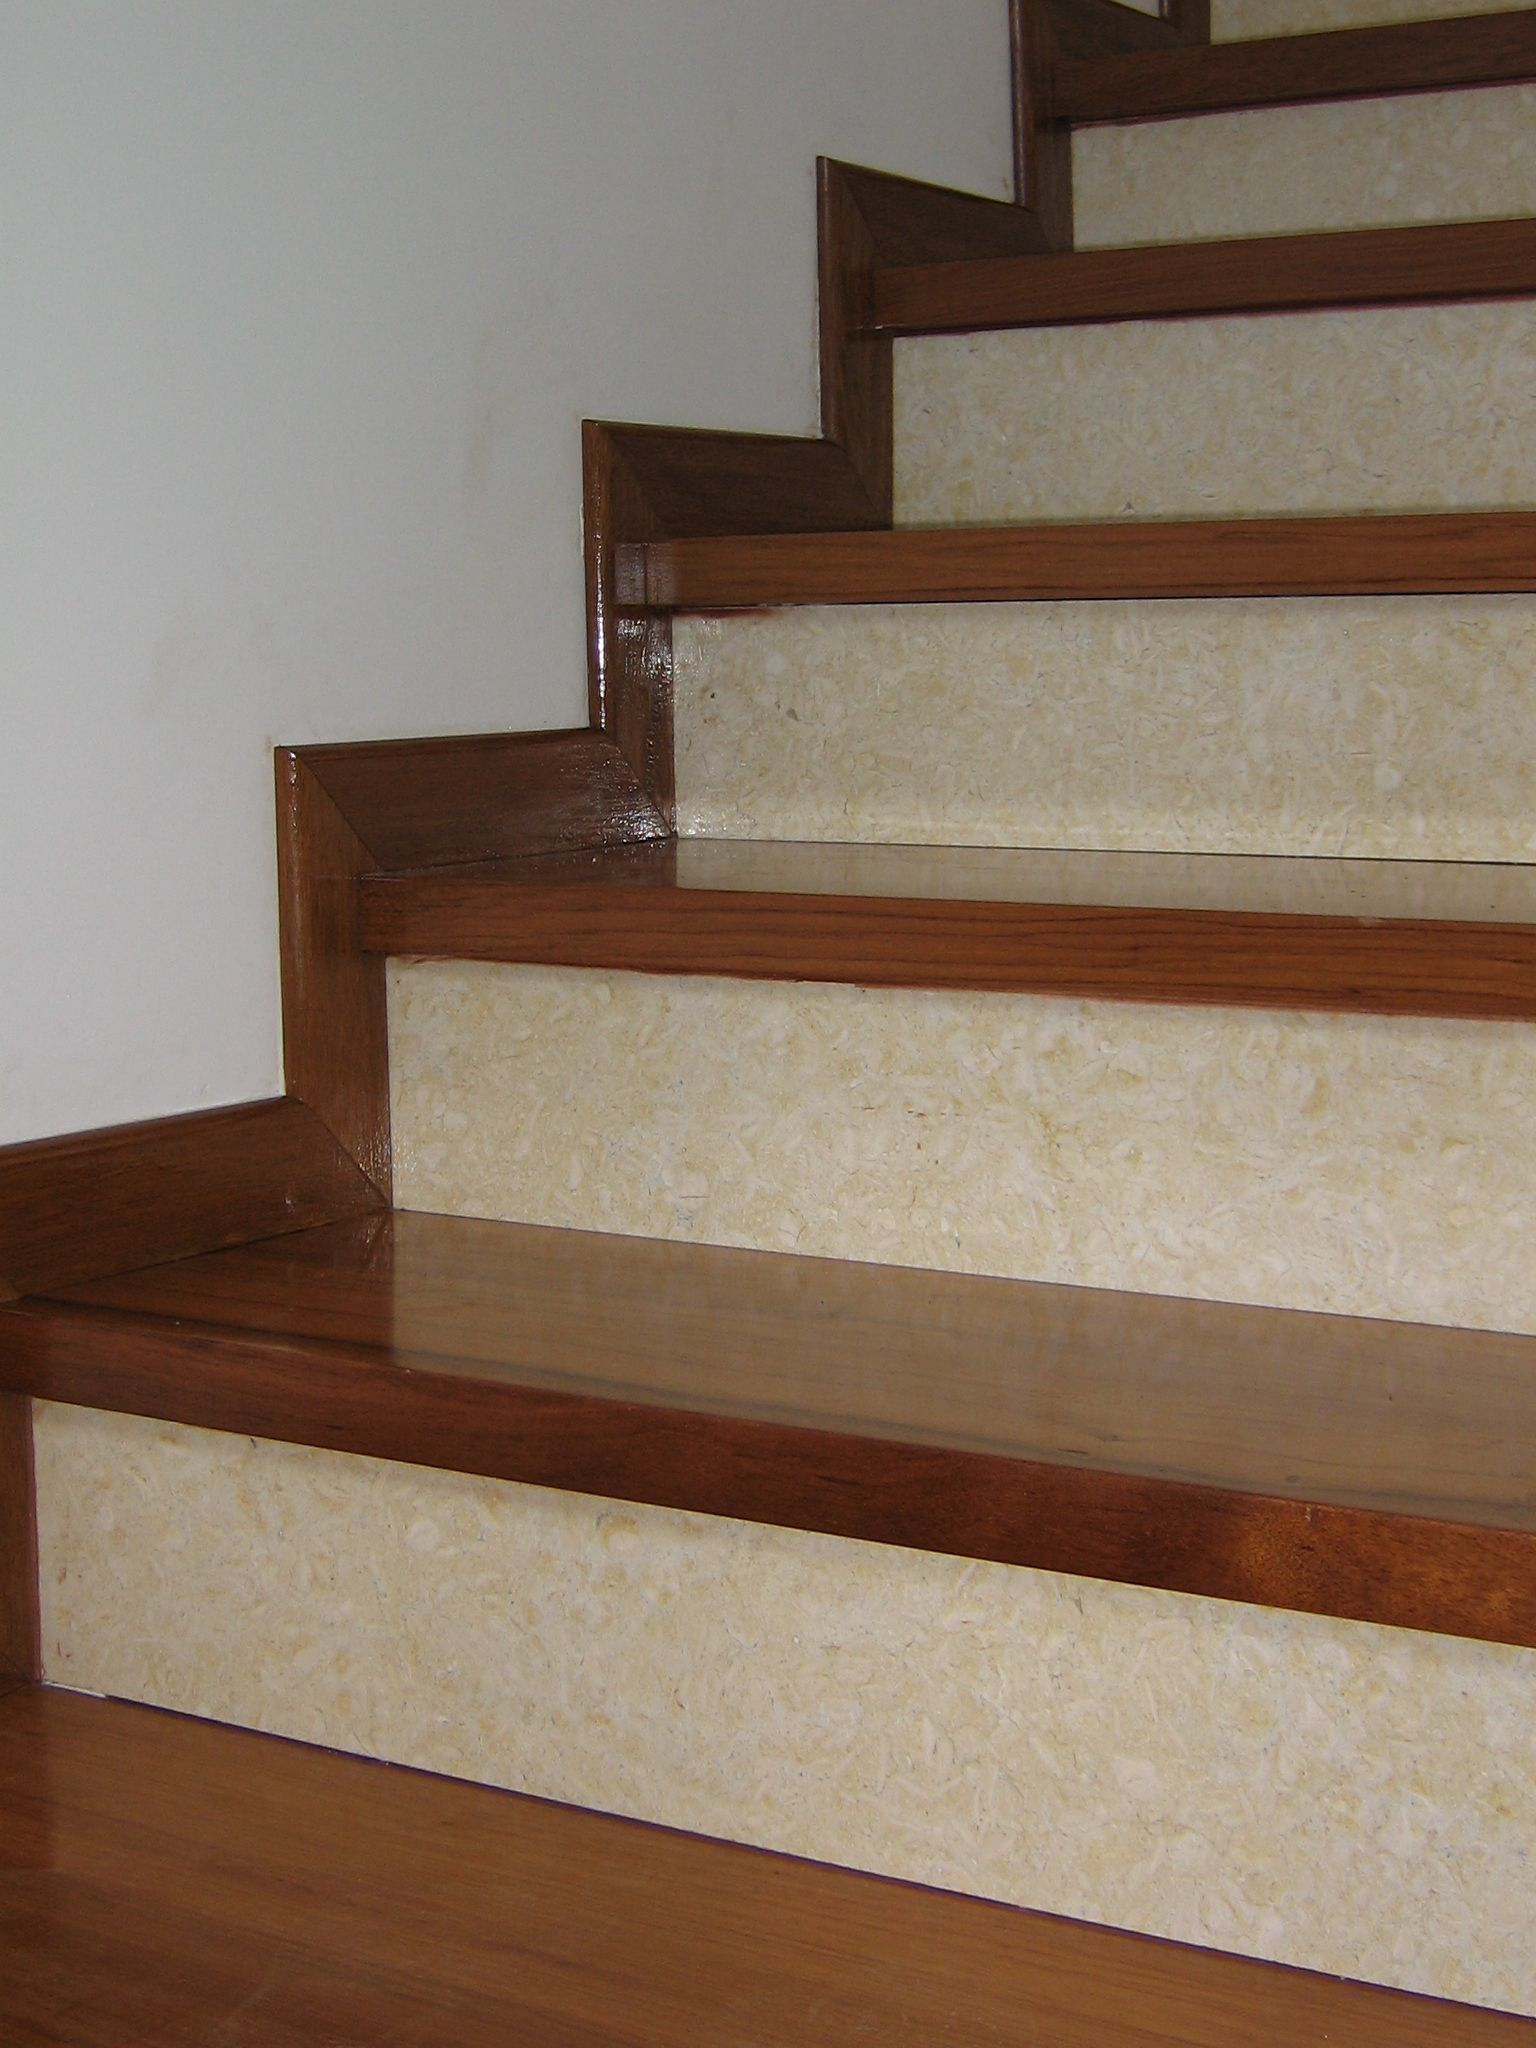 Huellas de escalera de madera buscar con google planos - Escaleras de madera ...